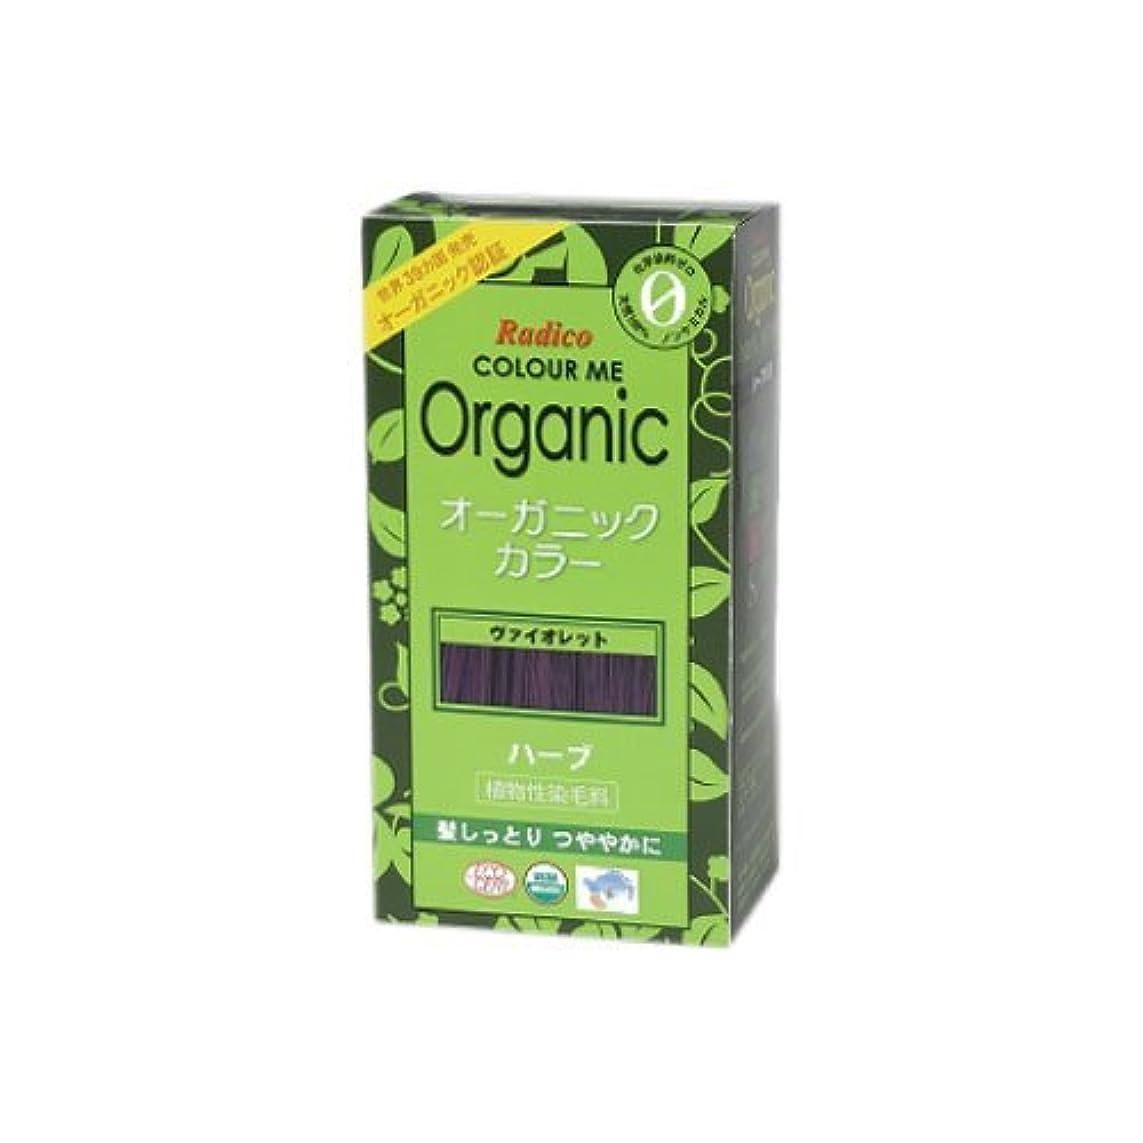 怖い方法論祝福するCOLOURME Organic (カラーミーオーガニック ヘナ 白髪用 紫色) ヴァイオレット 100g